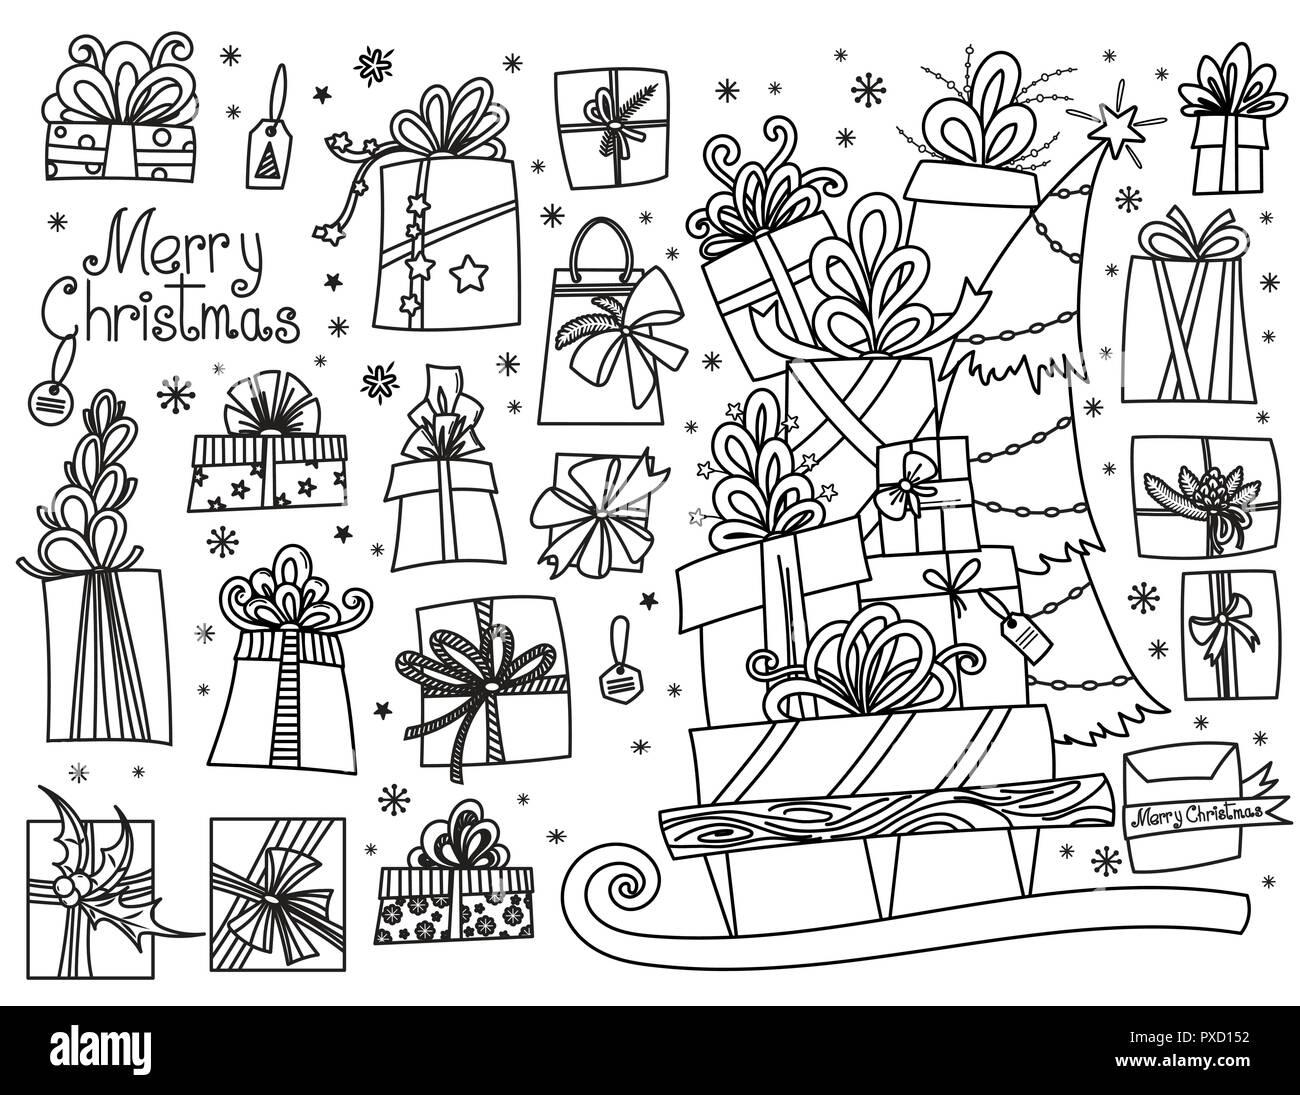 Dibujos De Navidad Regalos.Doodle Juego De Regalos De Navidad Cajas De Regalo De